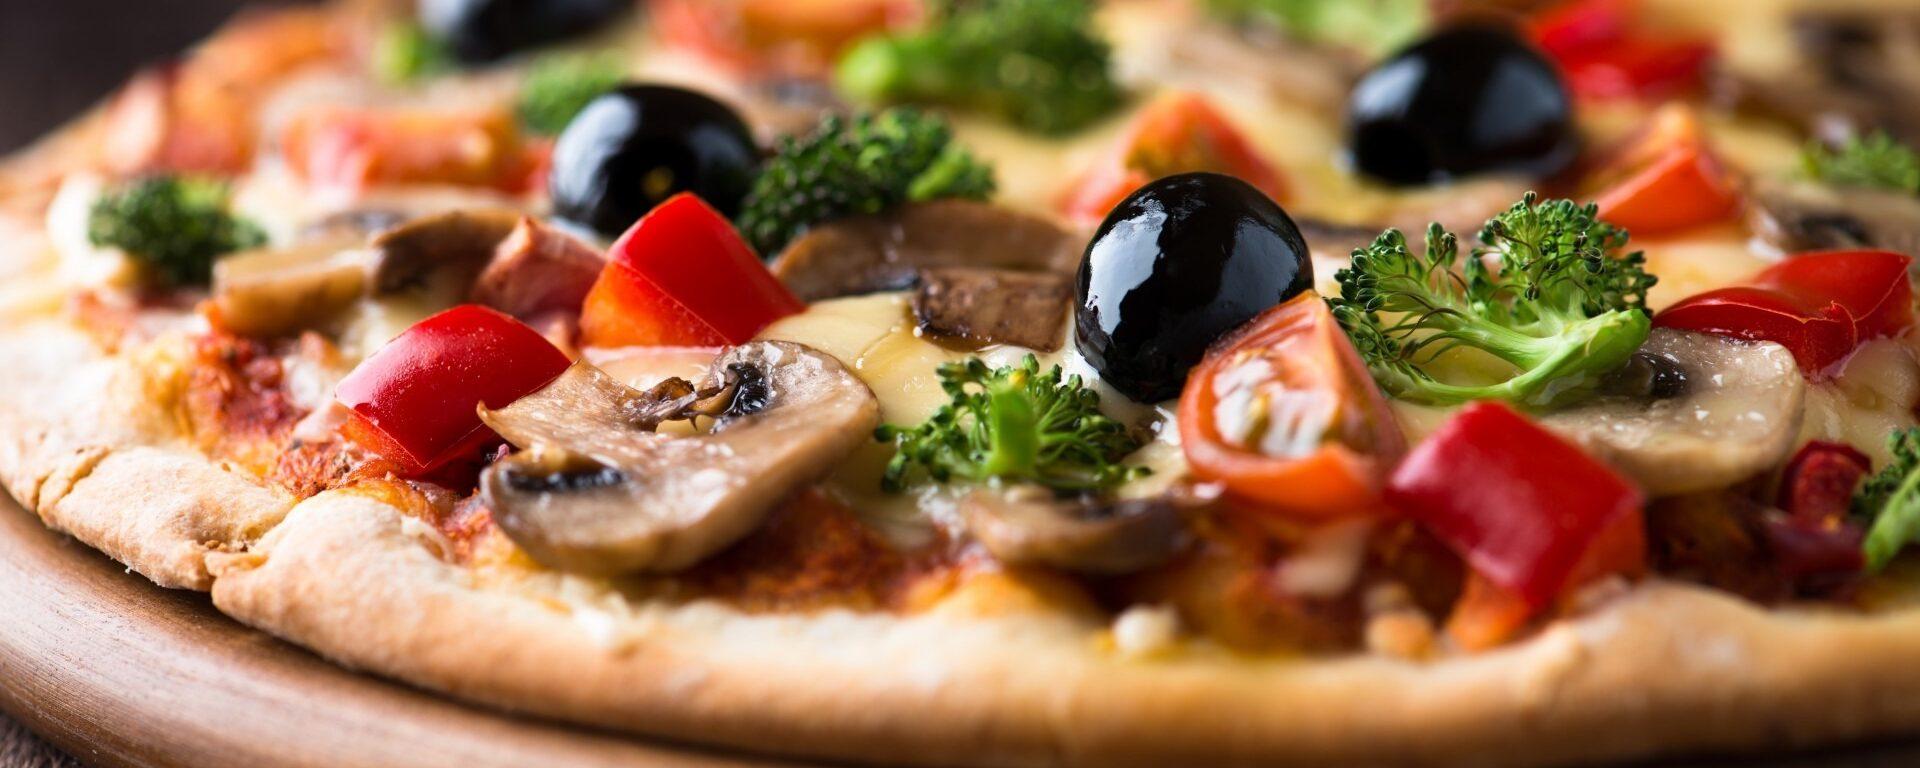 Веганская пицца: рецепт вкусного и полезного блюда